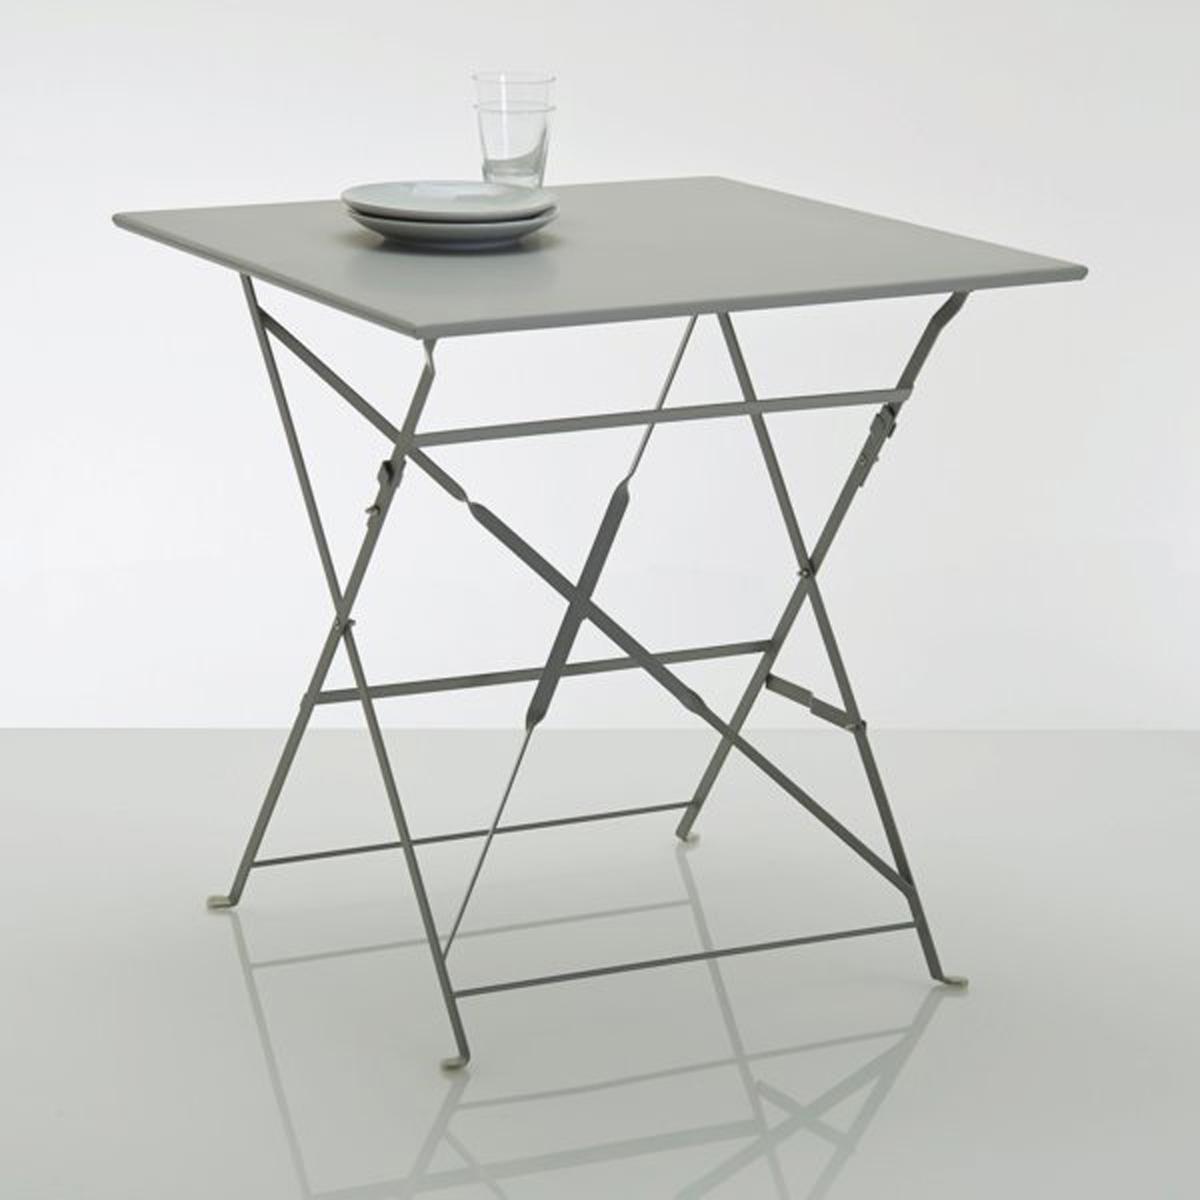 Стол складной квадратной формы из металла OZEVANСовременный и практичный складной стол различных расцветок!Характеристики стола OZEVAN :- Метал с цветным лаковым покрытием.- Финальная отделка эпоксидной краской.Размеры :Дл. 70 x Выс. 70 x Гл. 70 см.Толщина в сложенном виде : 5 см.Данная модель складного стола поставляется в собранном виде.Идея для декора : минимум места для хранения и максимум стиля : установите рядом два стола разных цветов.Металл, из которого изготовлен этот стол, имеет антикоррозийную обработку и покрыт эпоксидной краской, что упрощает уход за ним и делает его устойчивым к ржавчине и непогоде. Легкий, просто перемещать и хранить.Эта модель стола доставляется на дом двумя грузчиками на этаж (дополнительная плата не требуется).<br><br>Цвет: белый,серый